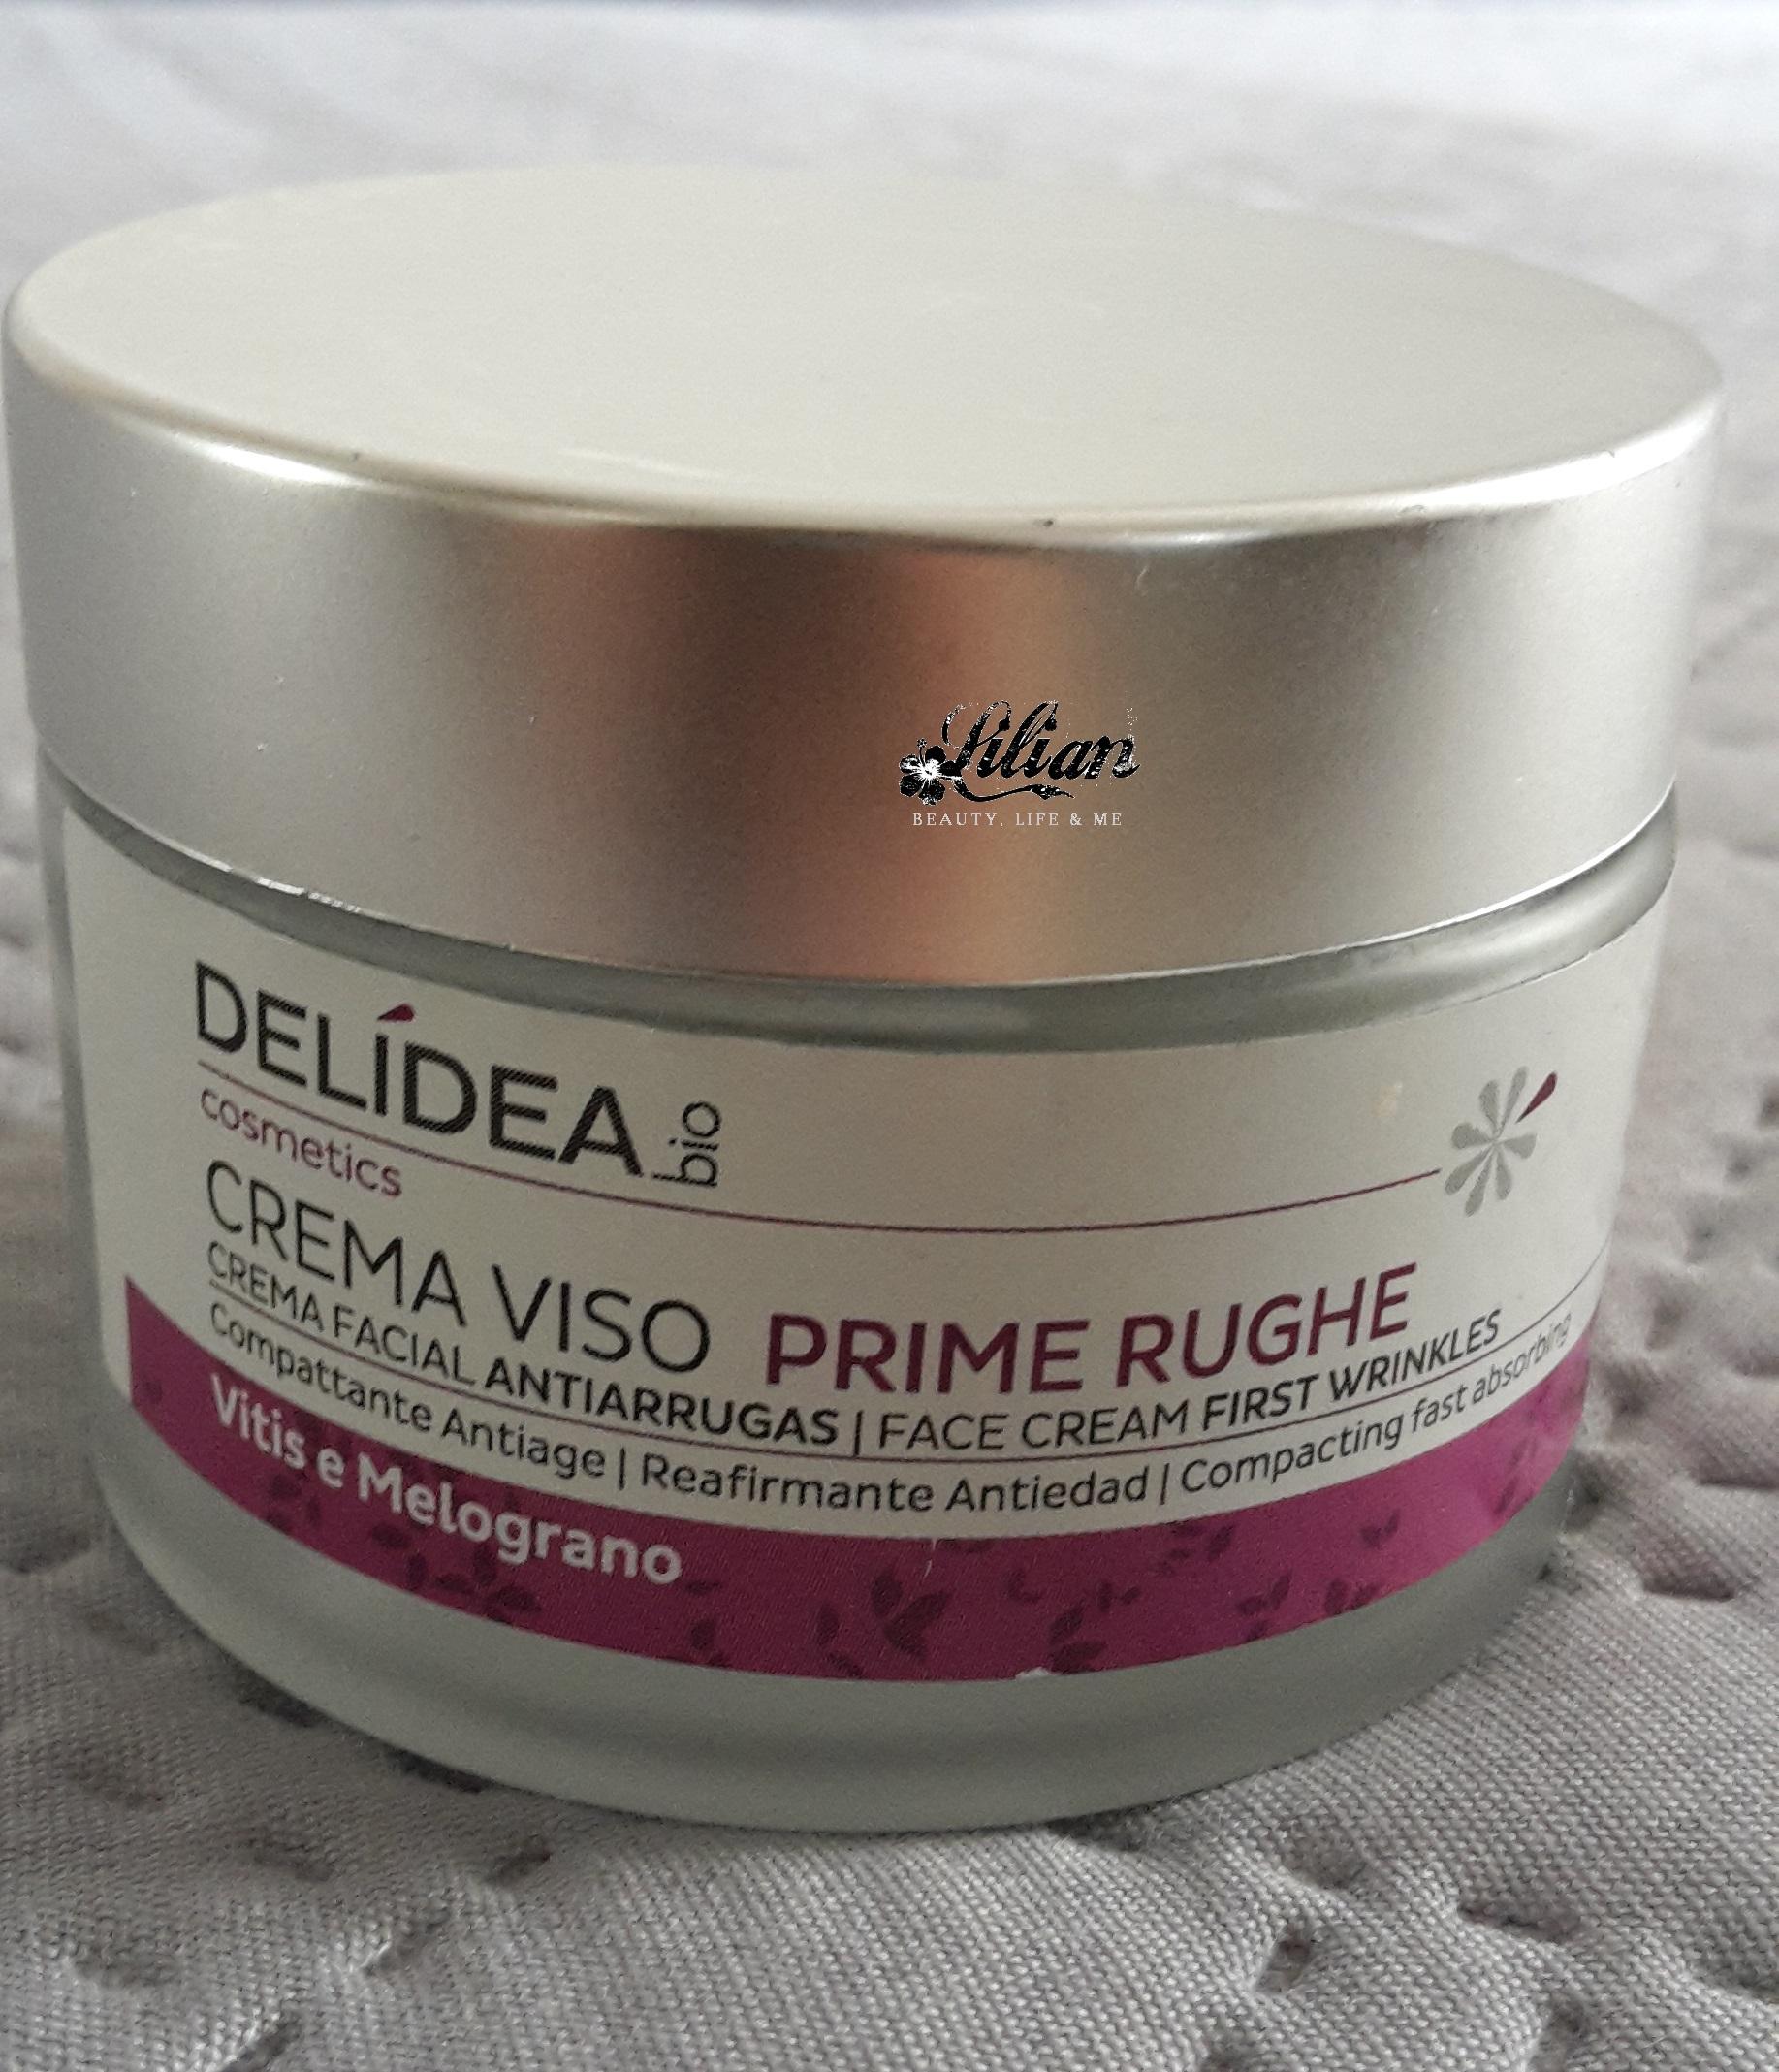 Crema viso prime rughe di Delidea